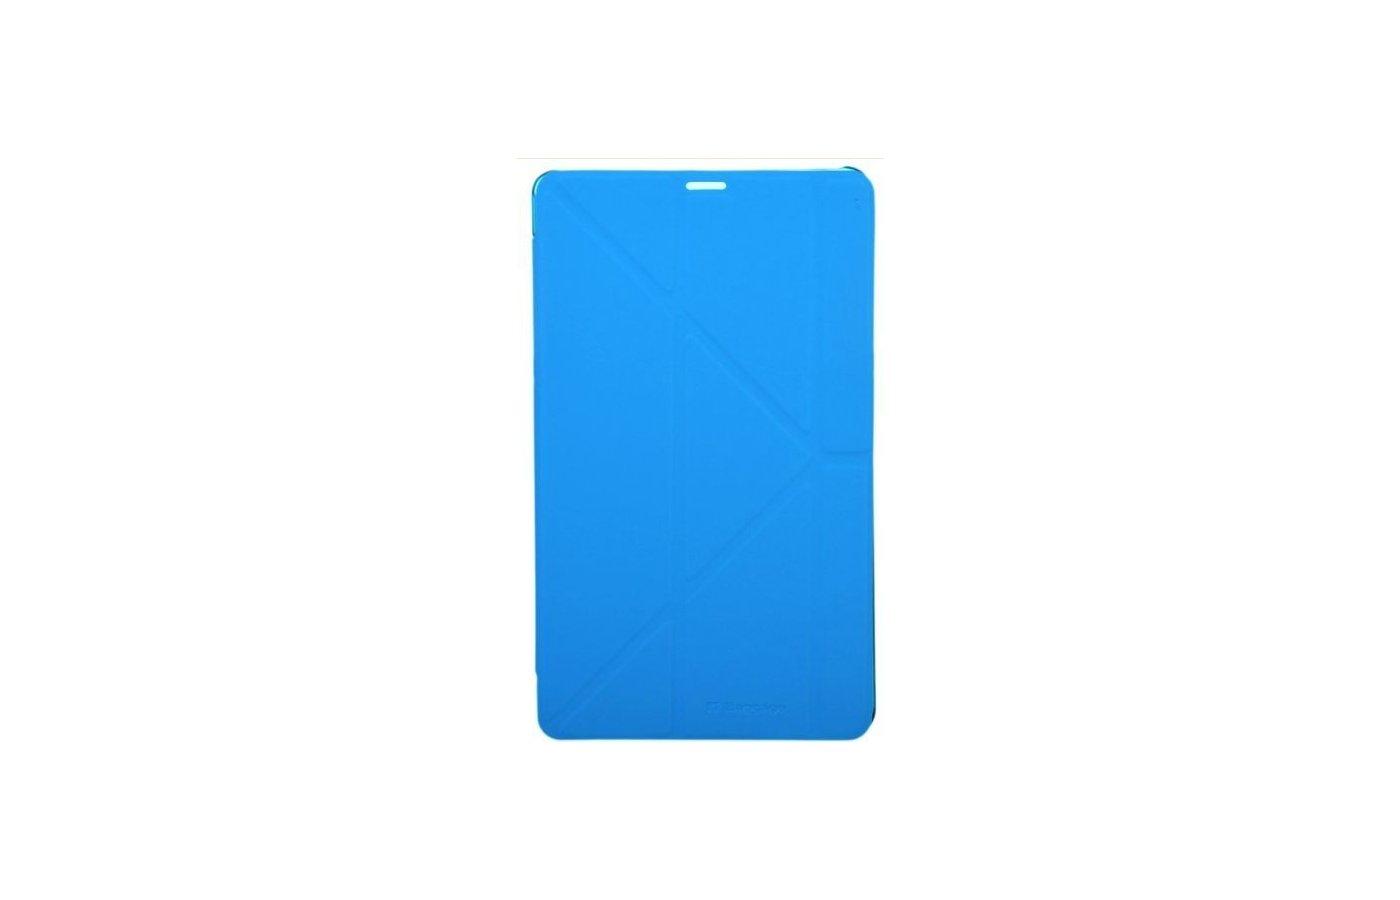 Чехол для планшетного ПК IT BAGGAGE для SAMSUNG Galaxy TabS 8.4 hard case искус. кожа синий с тонированной задней стенкой ITS